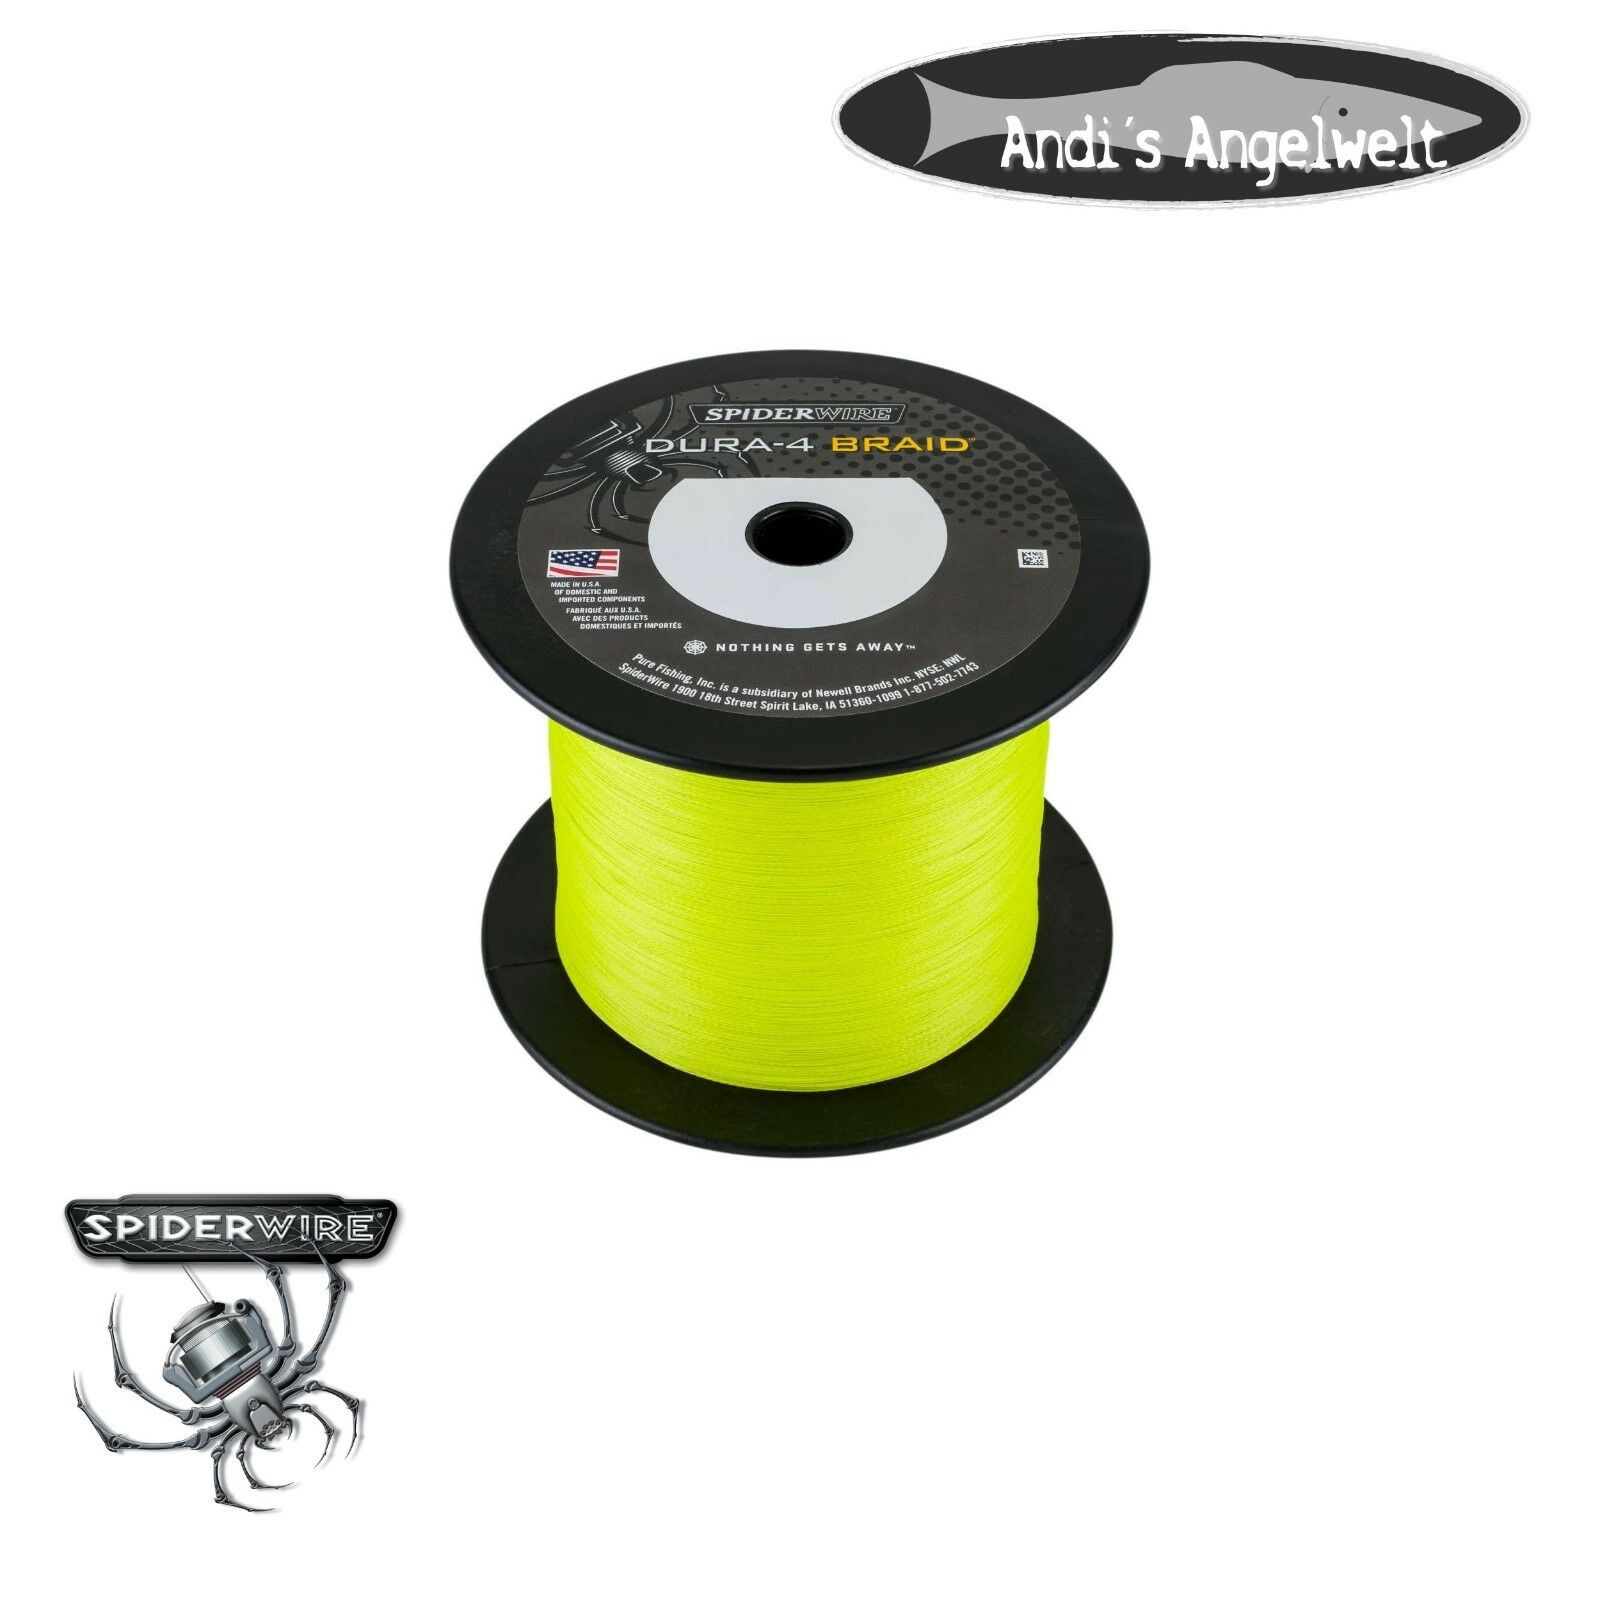 Spiderwire Dura 4-Braid 1800m  YELLOW geflochtene Schnur alle Größen  hot sales